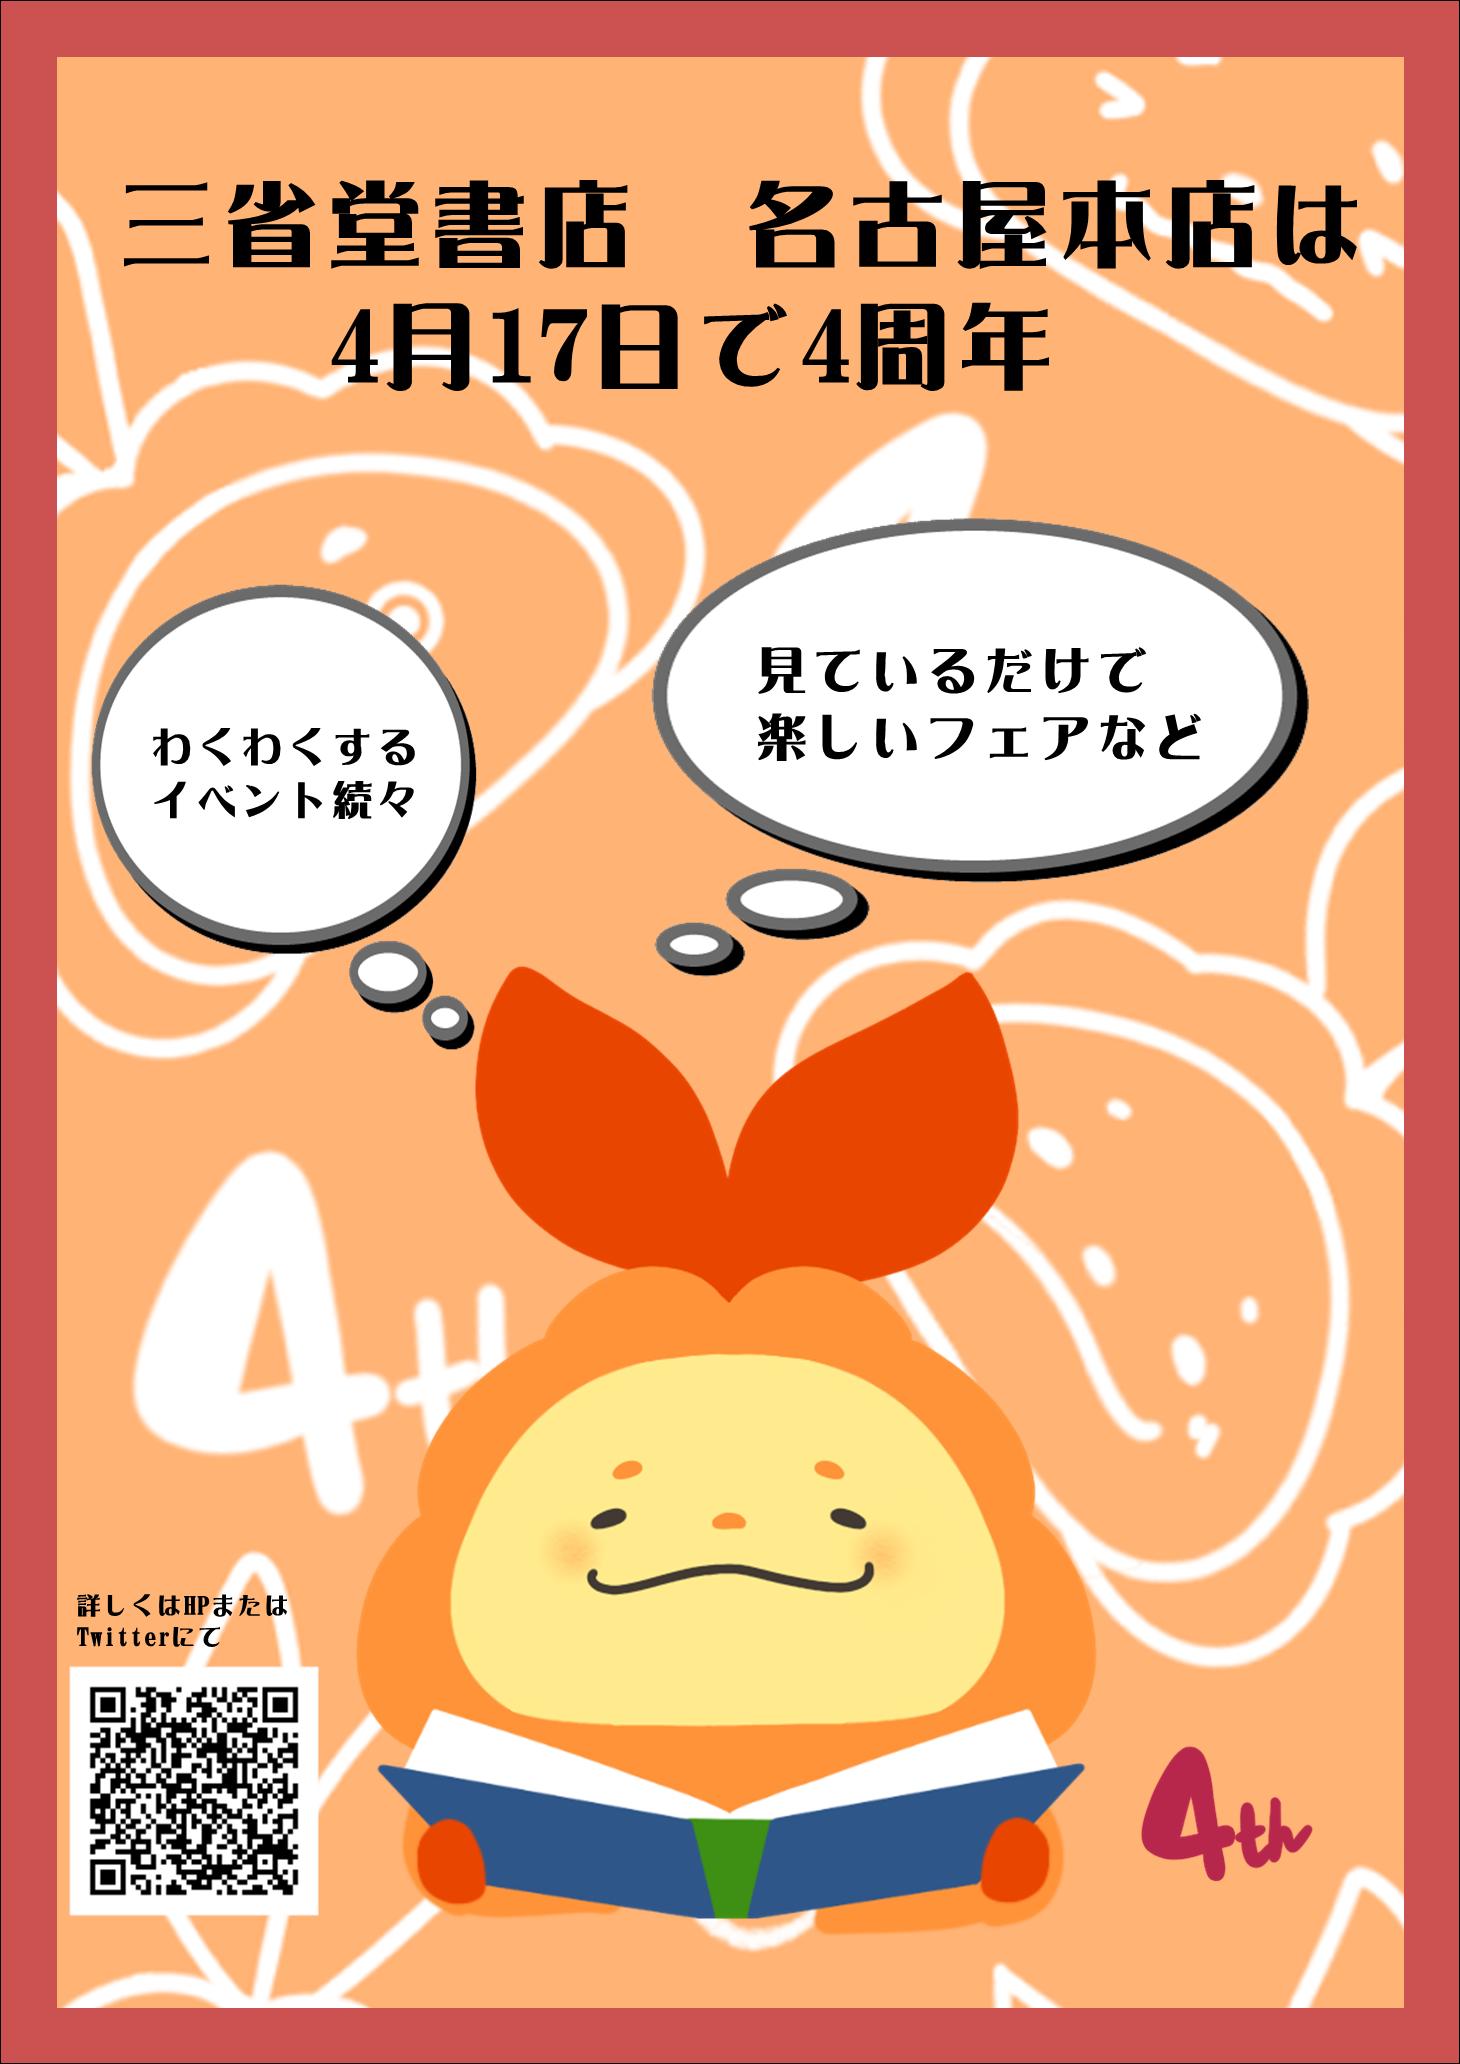 三省堂書店名古屋本店 4周年 特別企画